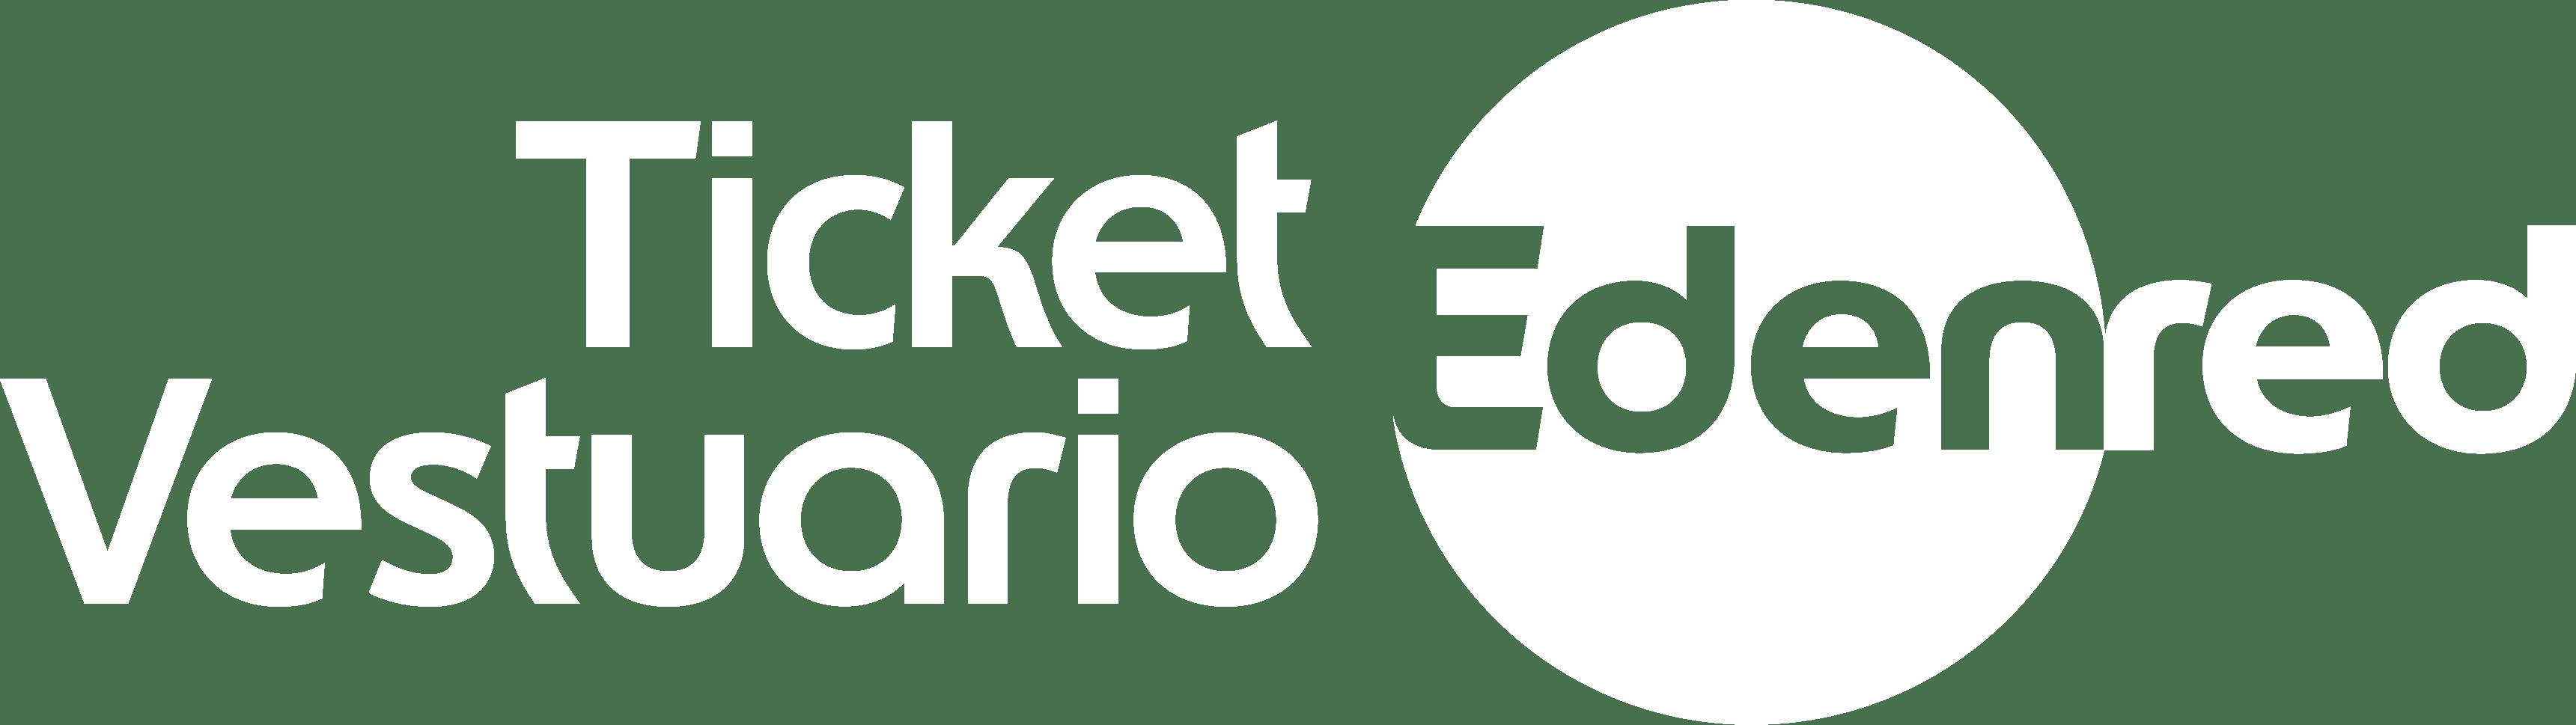 TicketVestuario-White-RGB